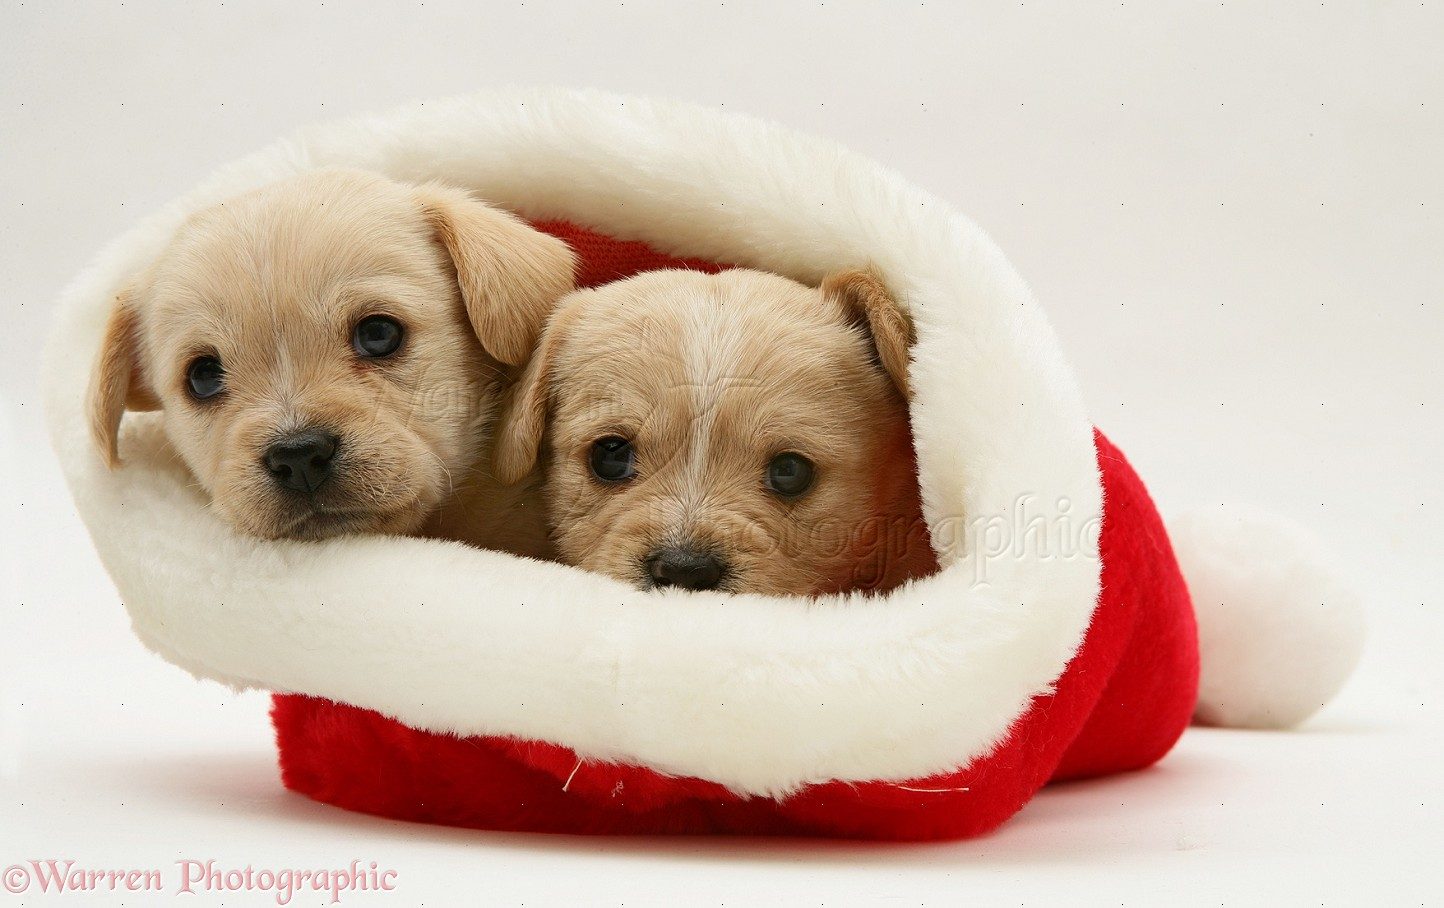 Fetching A Far Background Westie X Cavalier Pups Westie X Cavalier Pups A Santa Hat Photo Dogs Hats Meme Hats Reddit Dogs bark post Dogs In Hats